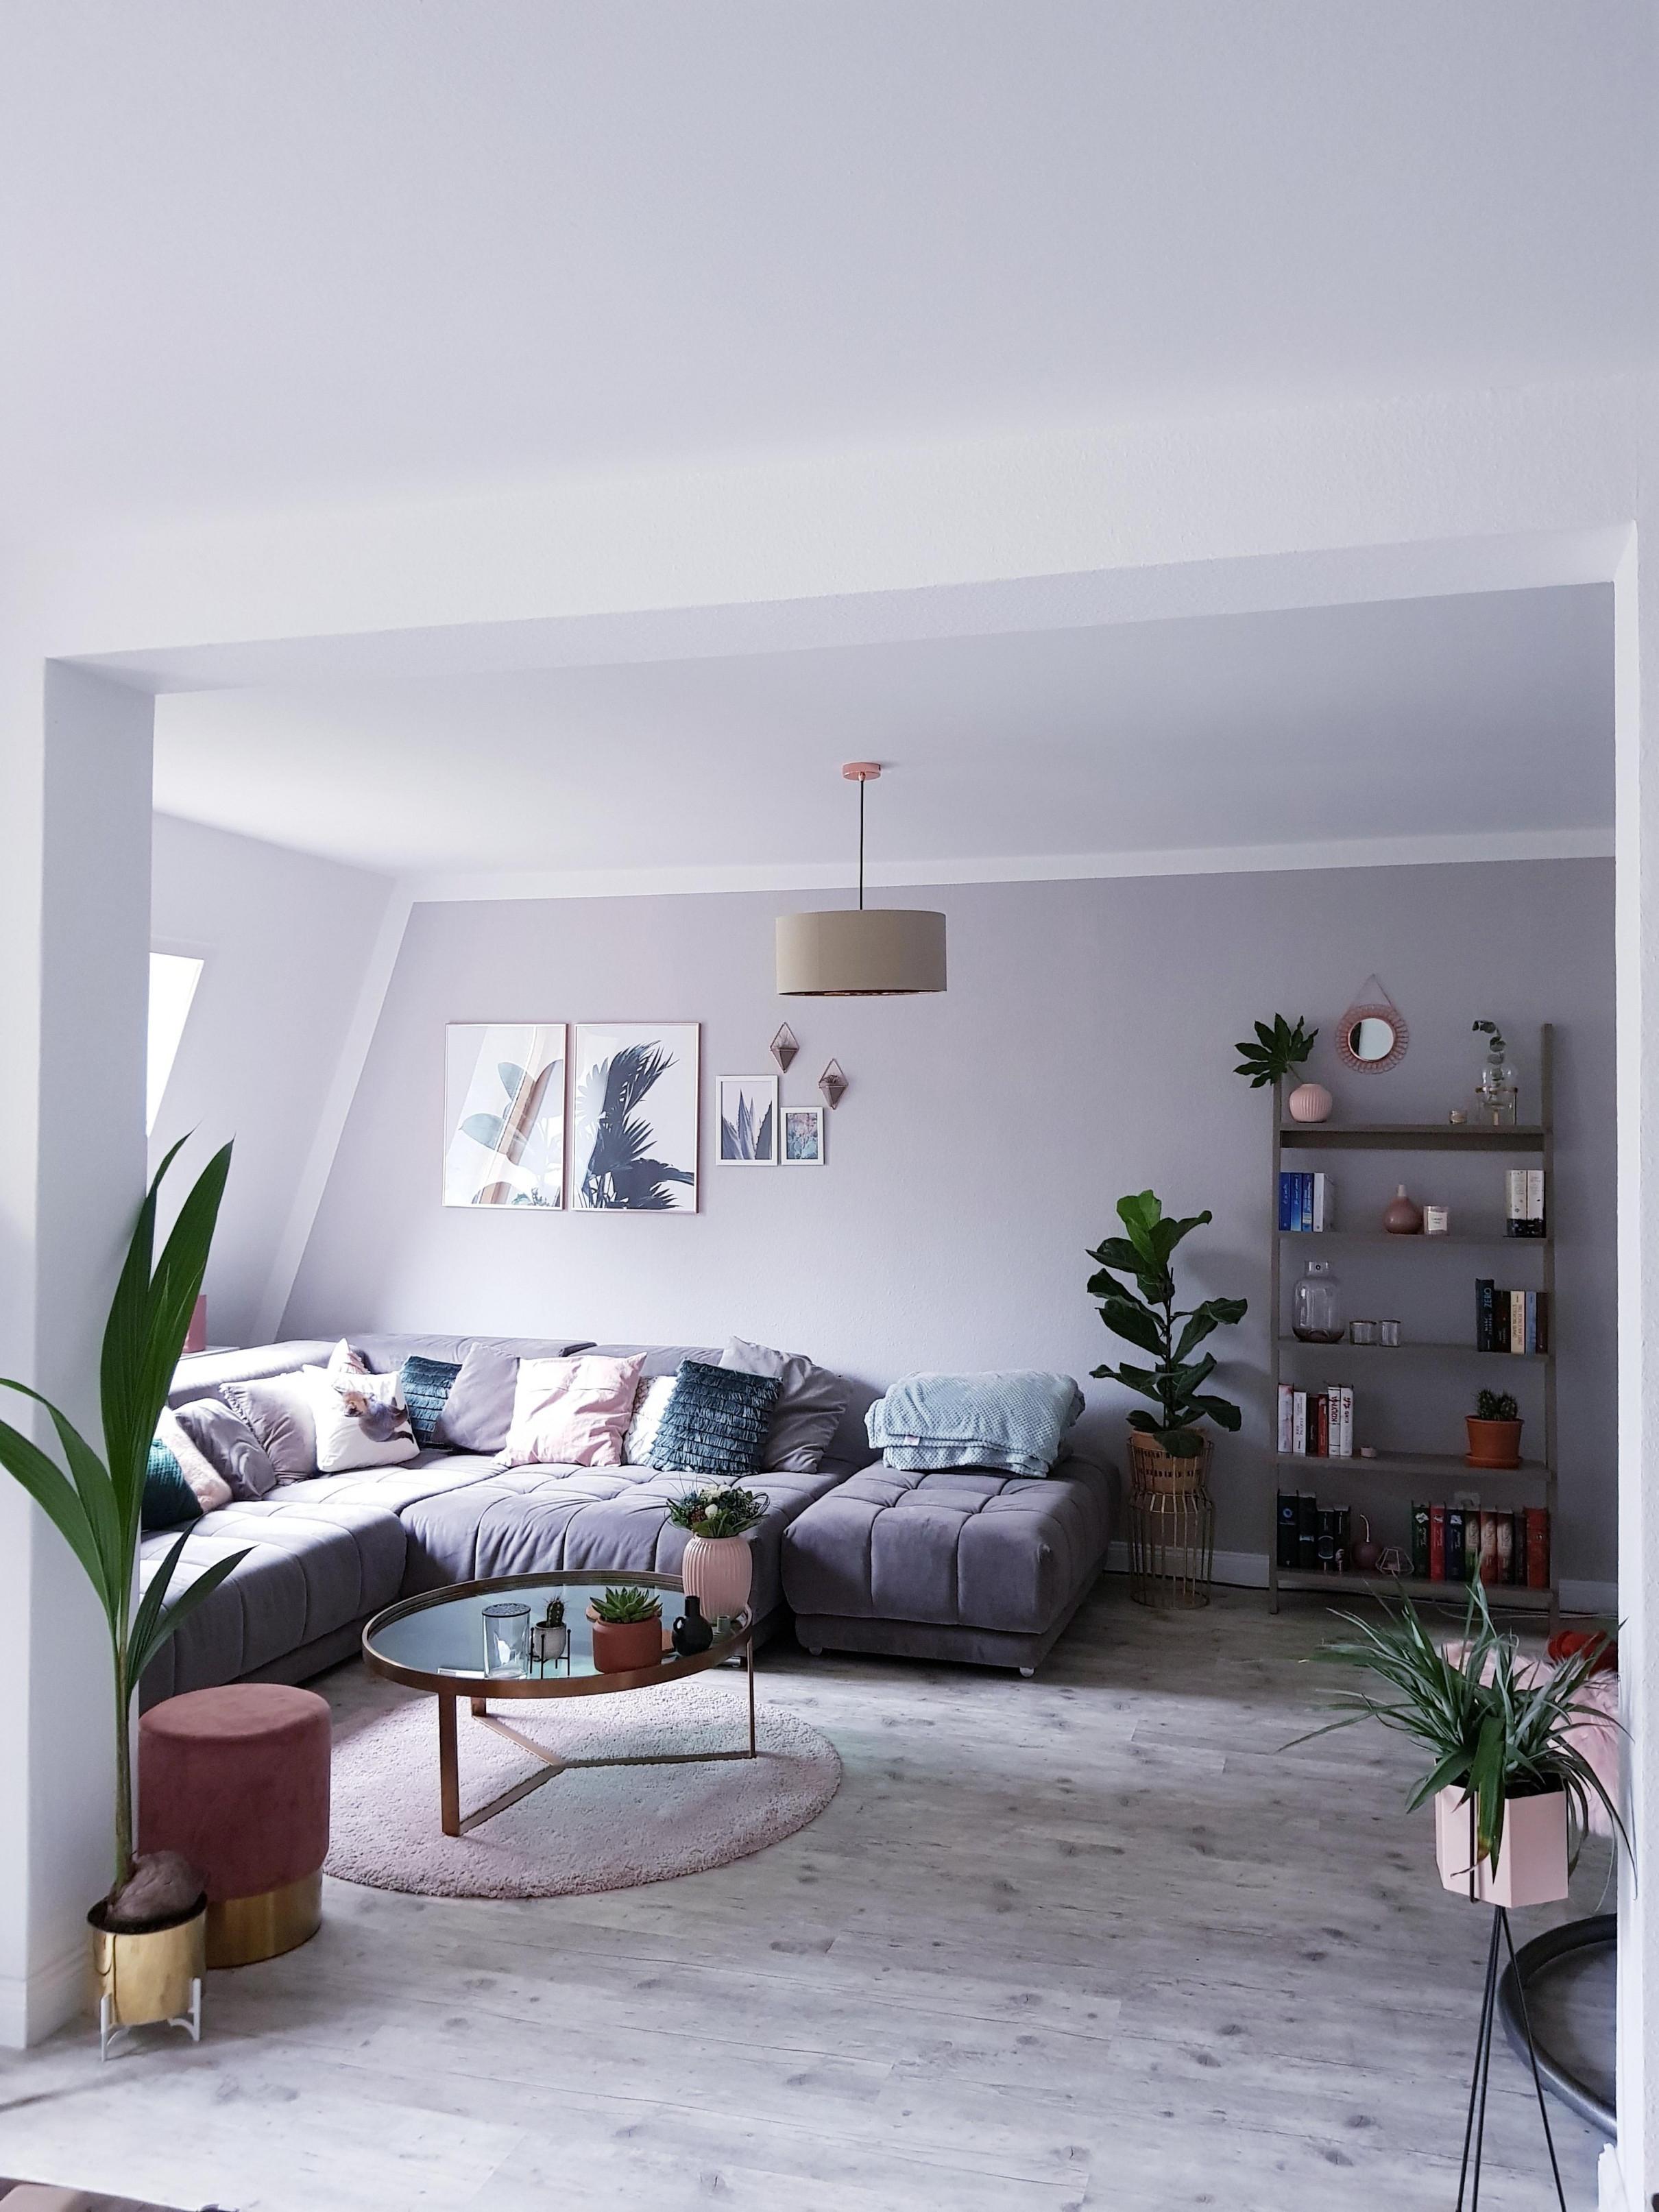 Farben Im Wohnzimmer So Wird's Gemütlich von Wohnzimmer Farbig Gestalten Bild